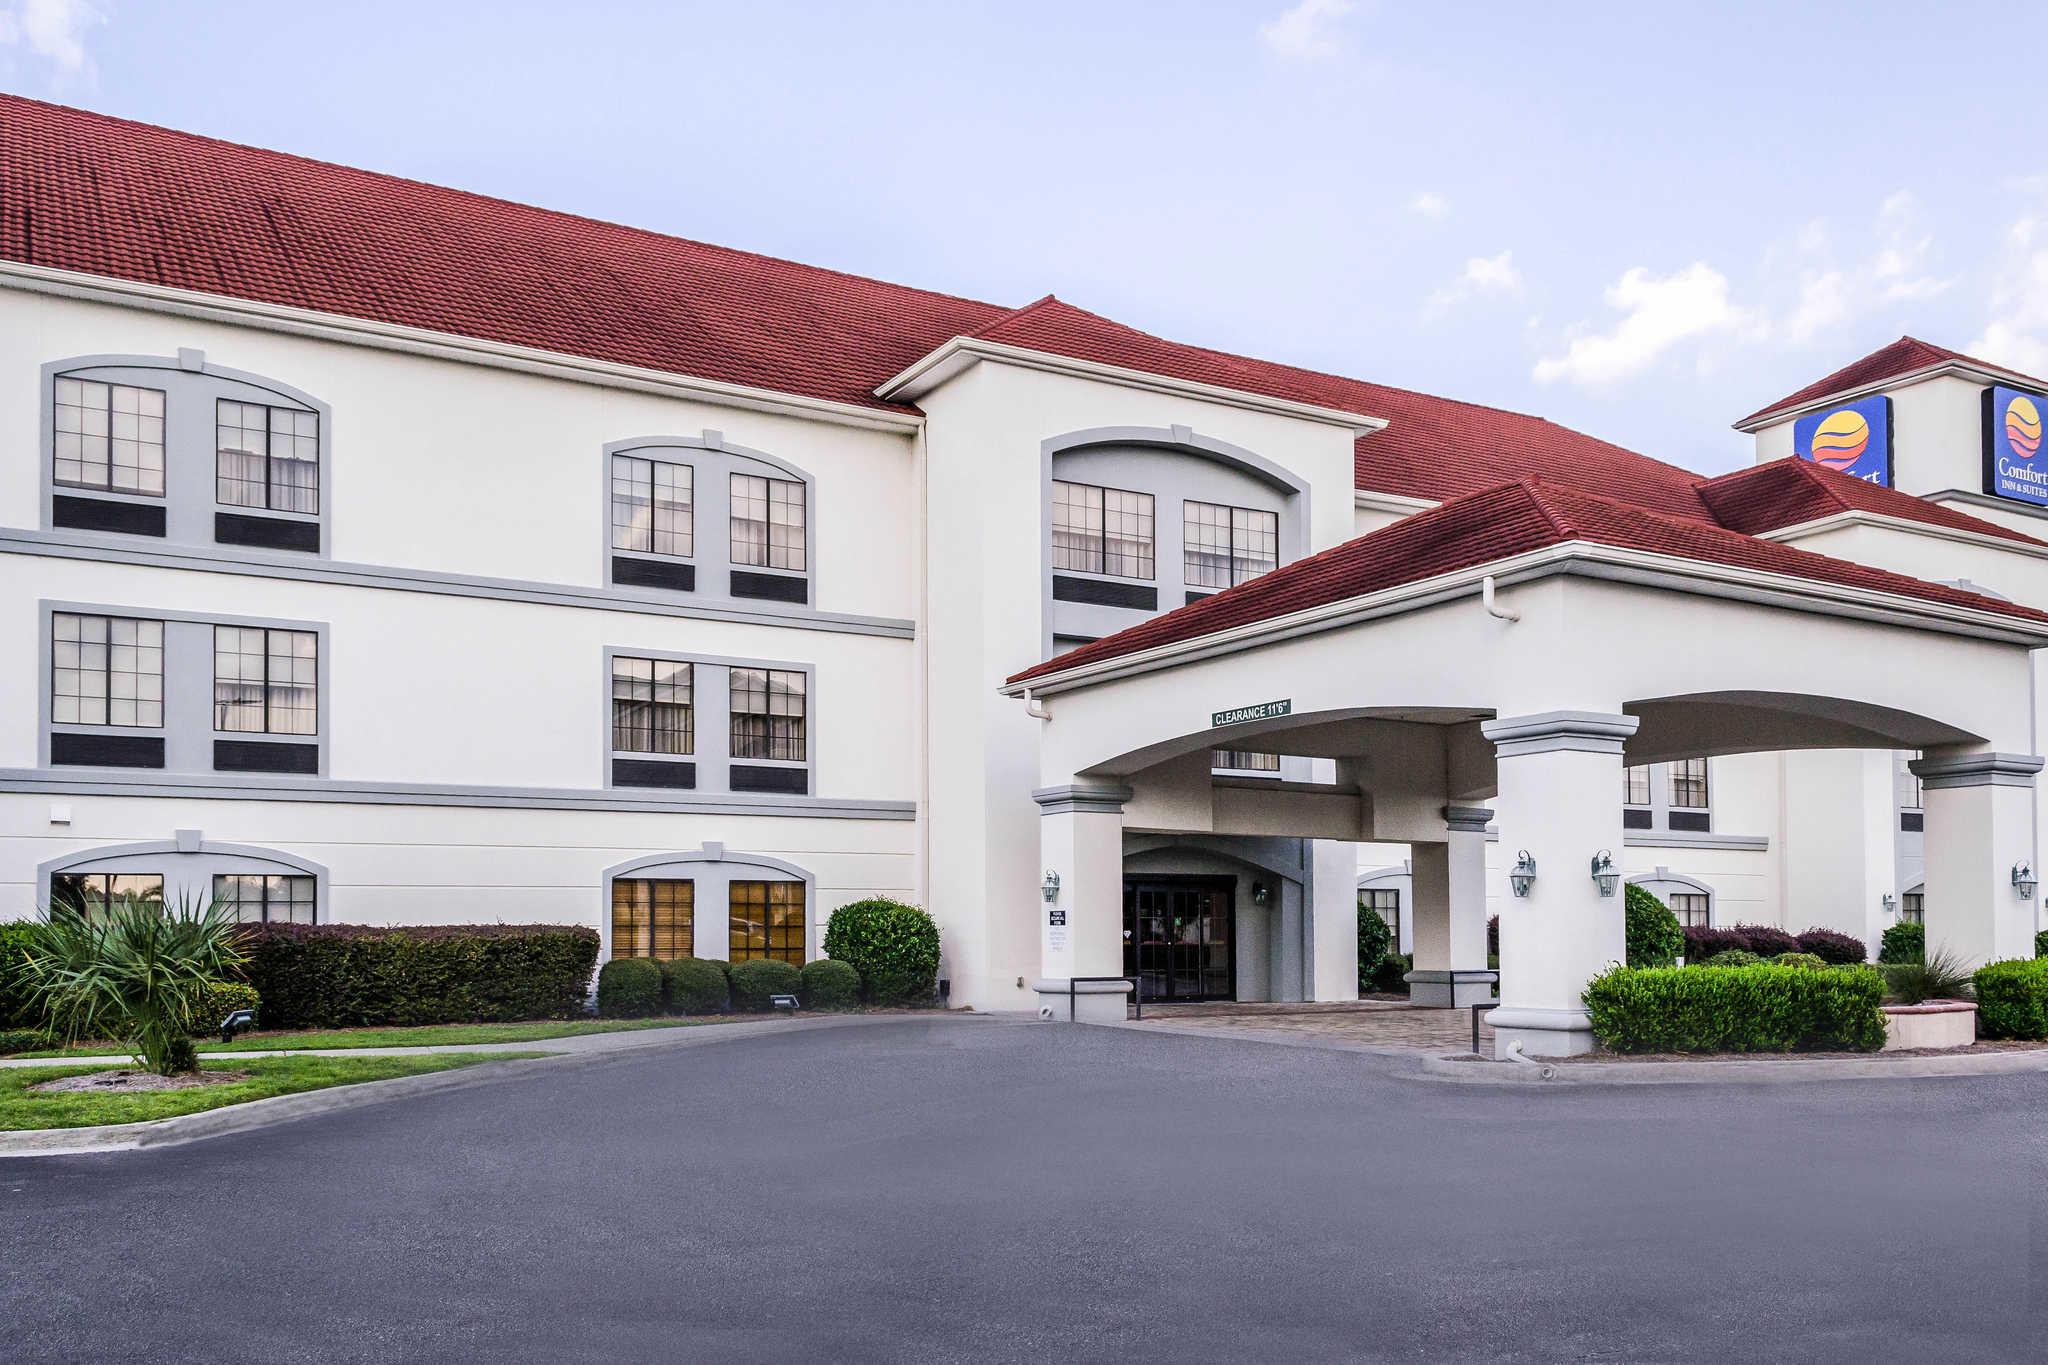 Comfort Inn Amp Suites Savannah Airport In Savannah Ga